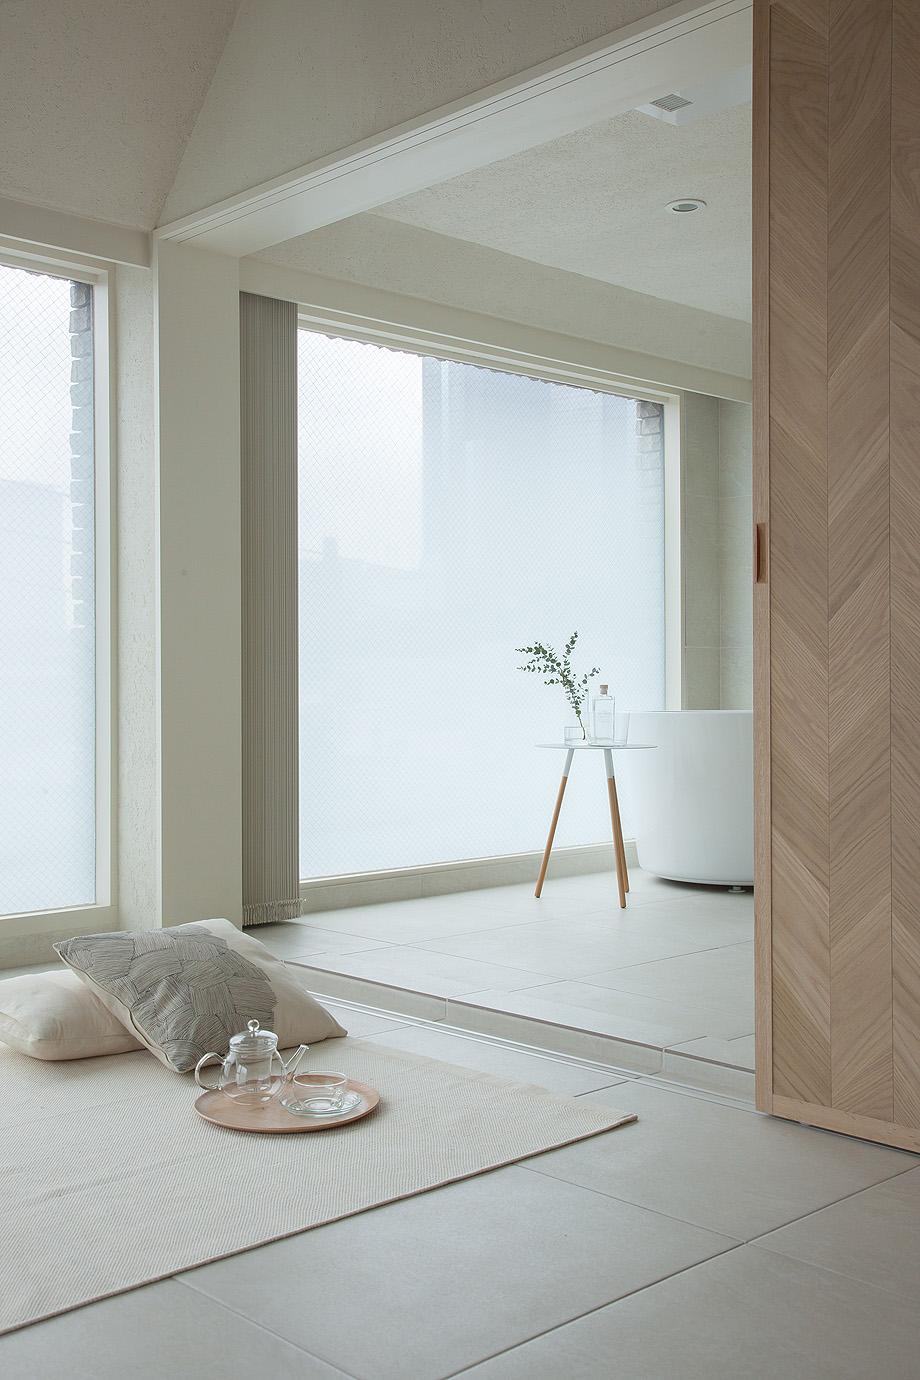 apartamento 402 en shibuya por hiroyuki ogawa (7)